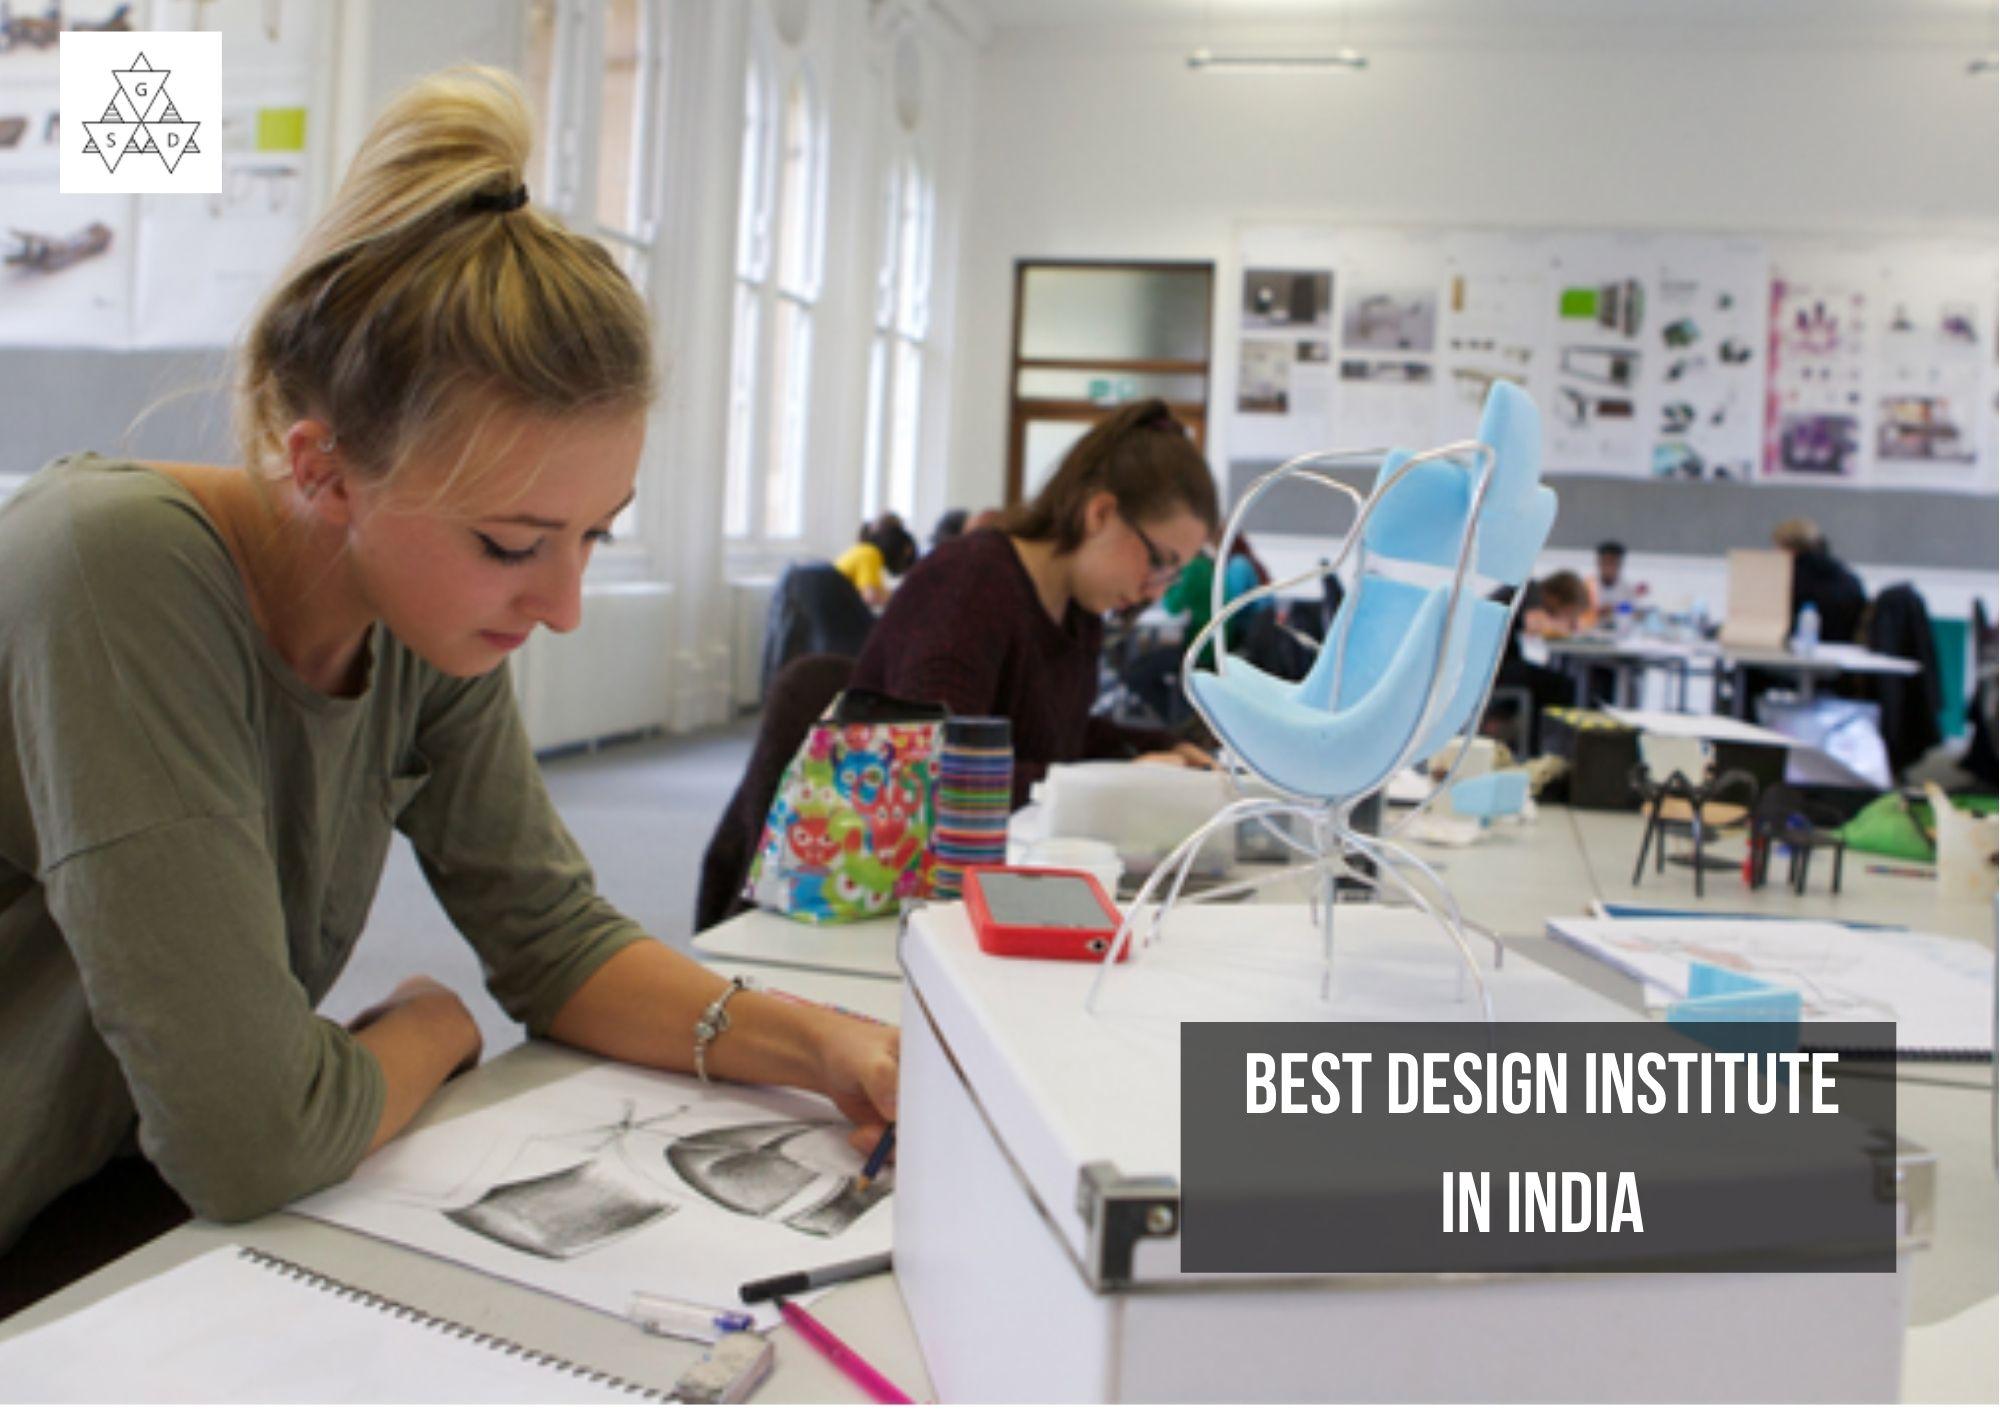 Gurukul School of Design